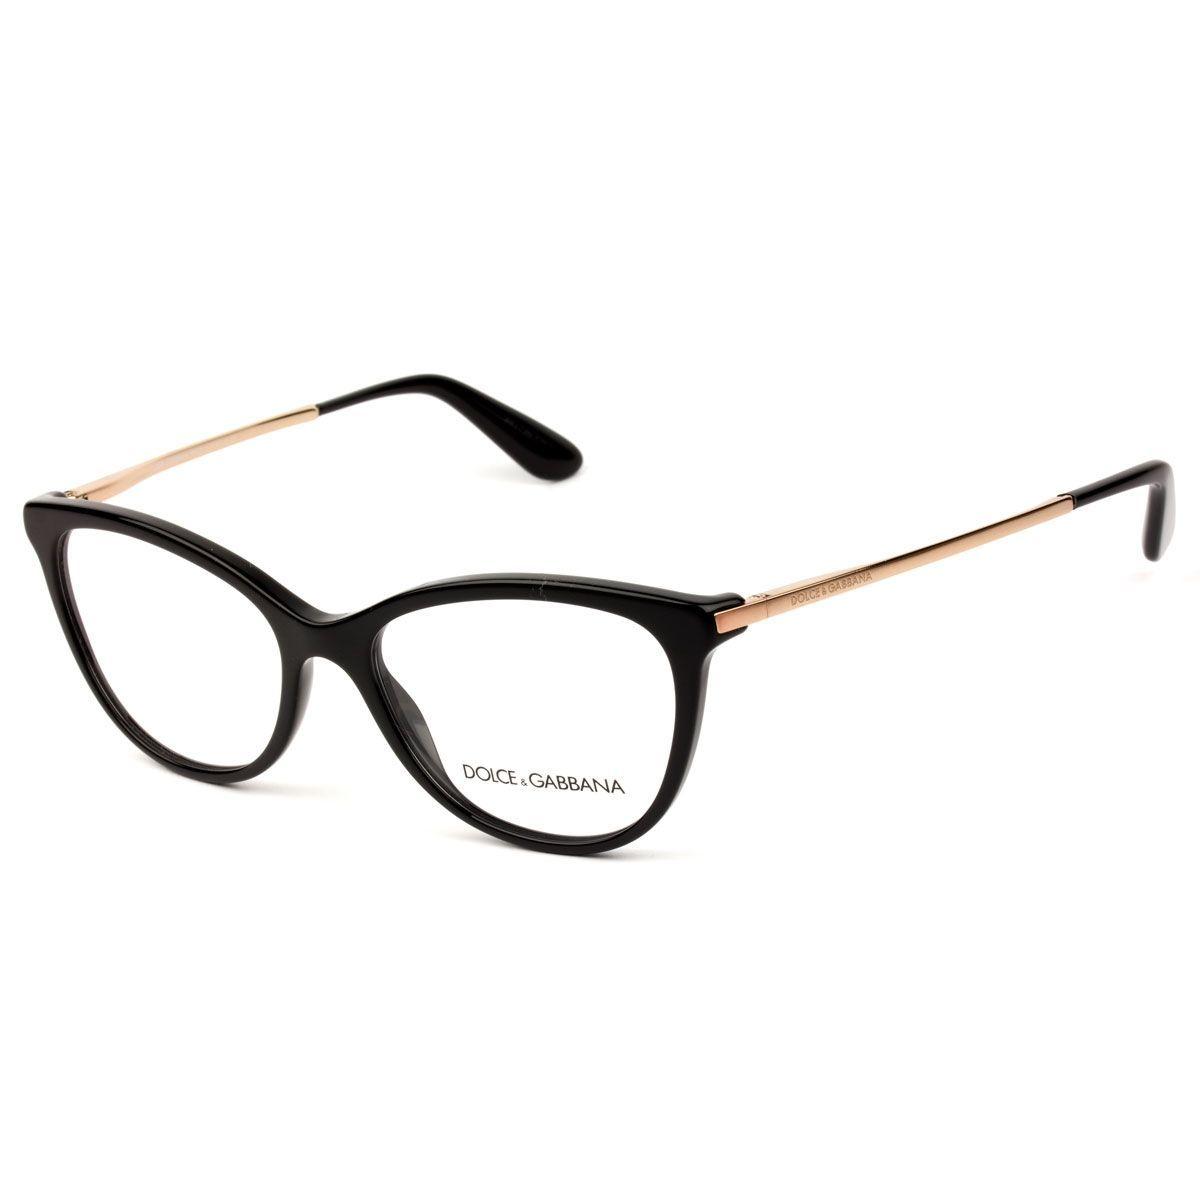 c849e113e Óculos de Grau Feminino | Óculos de Grau Feminino Dolce & Gabbana DG ...